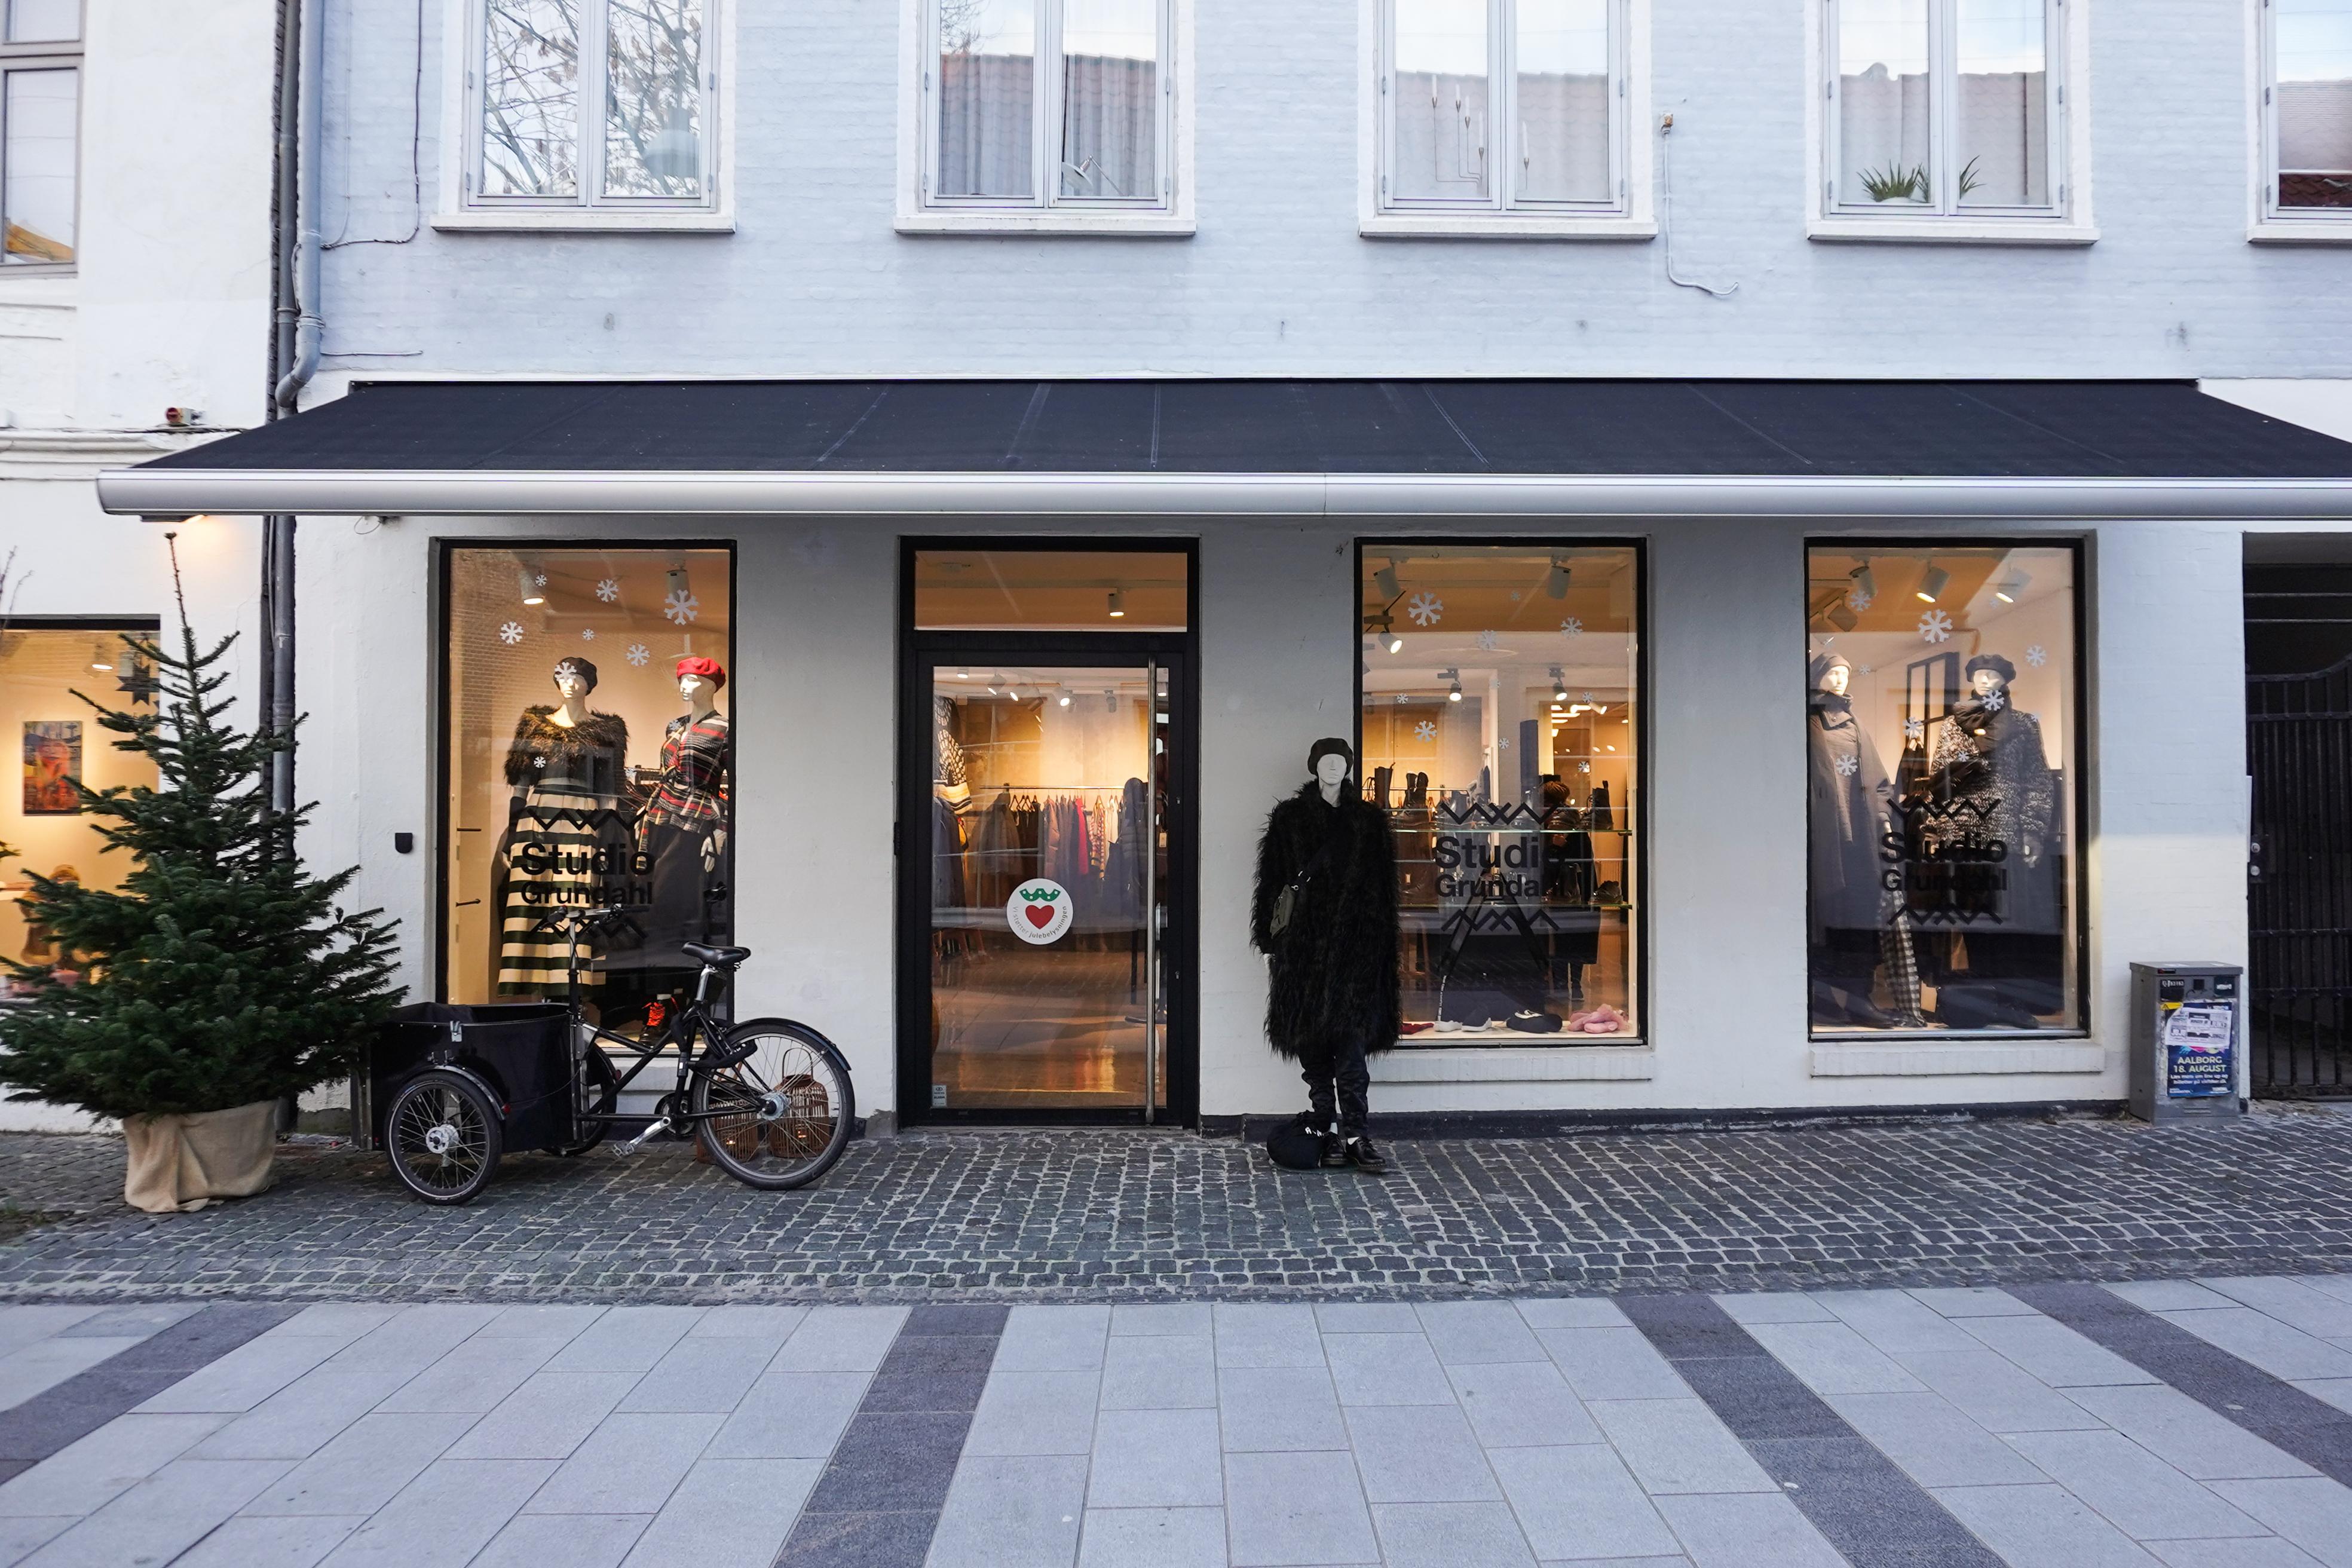 f9035ac58a5 Studio Grundahl er Nørregades tøjbutik med internationale vibes. Stilen er  skandinavisk og japansk inspireret med bl.a mærker som Henrik Vibskov, ...